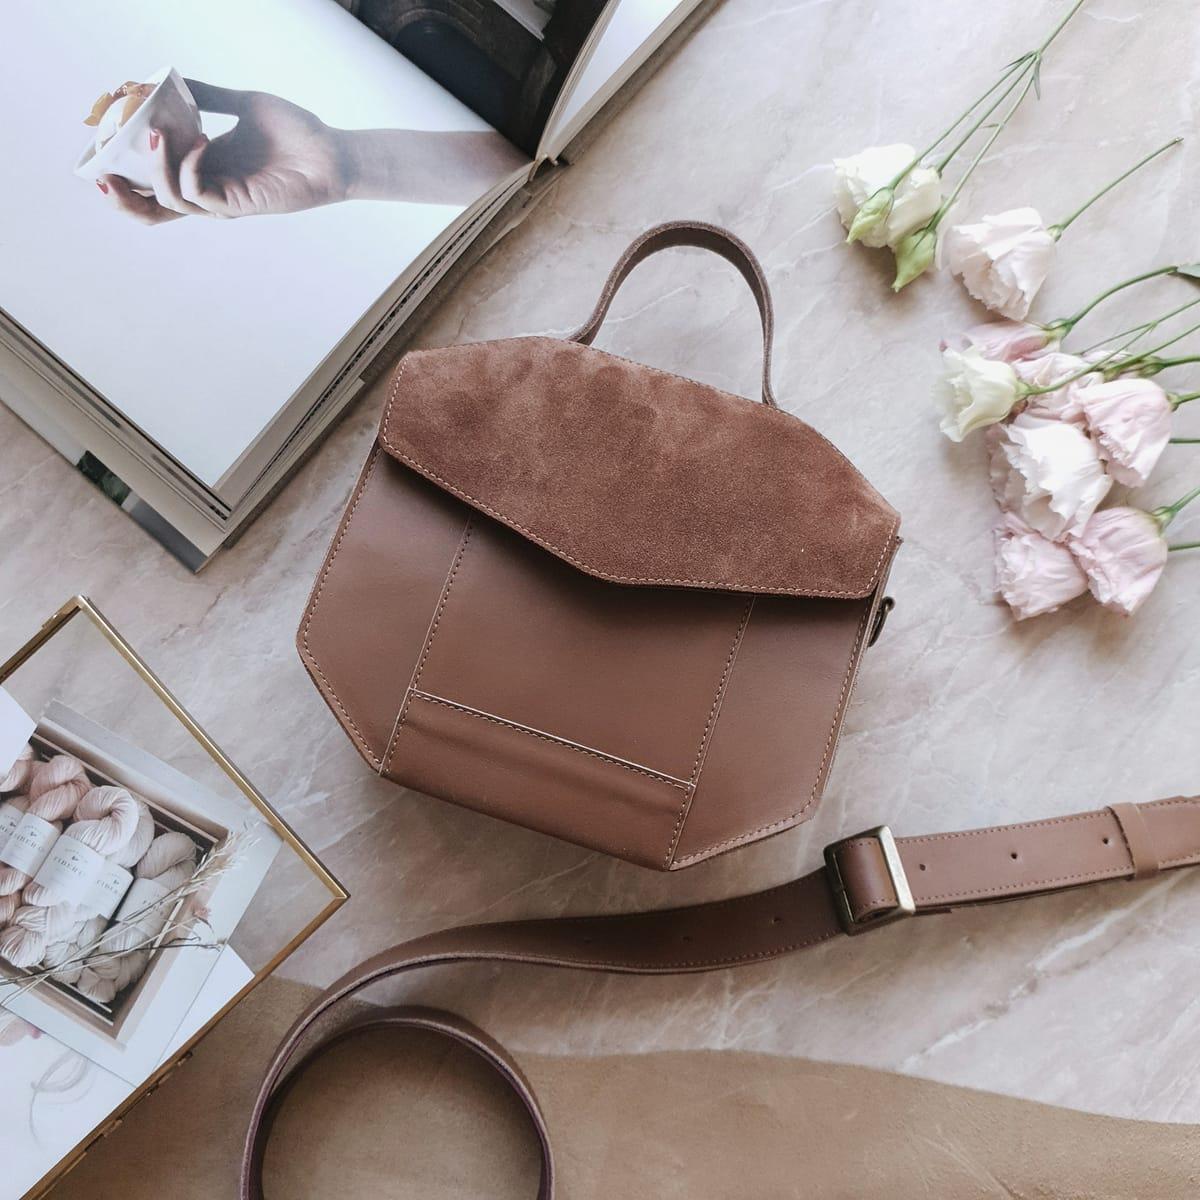 Модные тенденции лета 2019: что покупать на распродаже